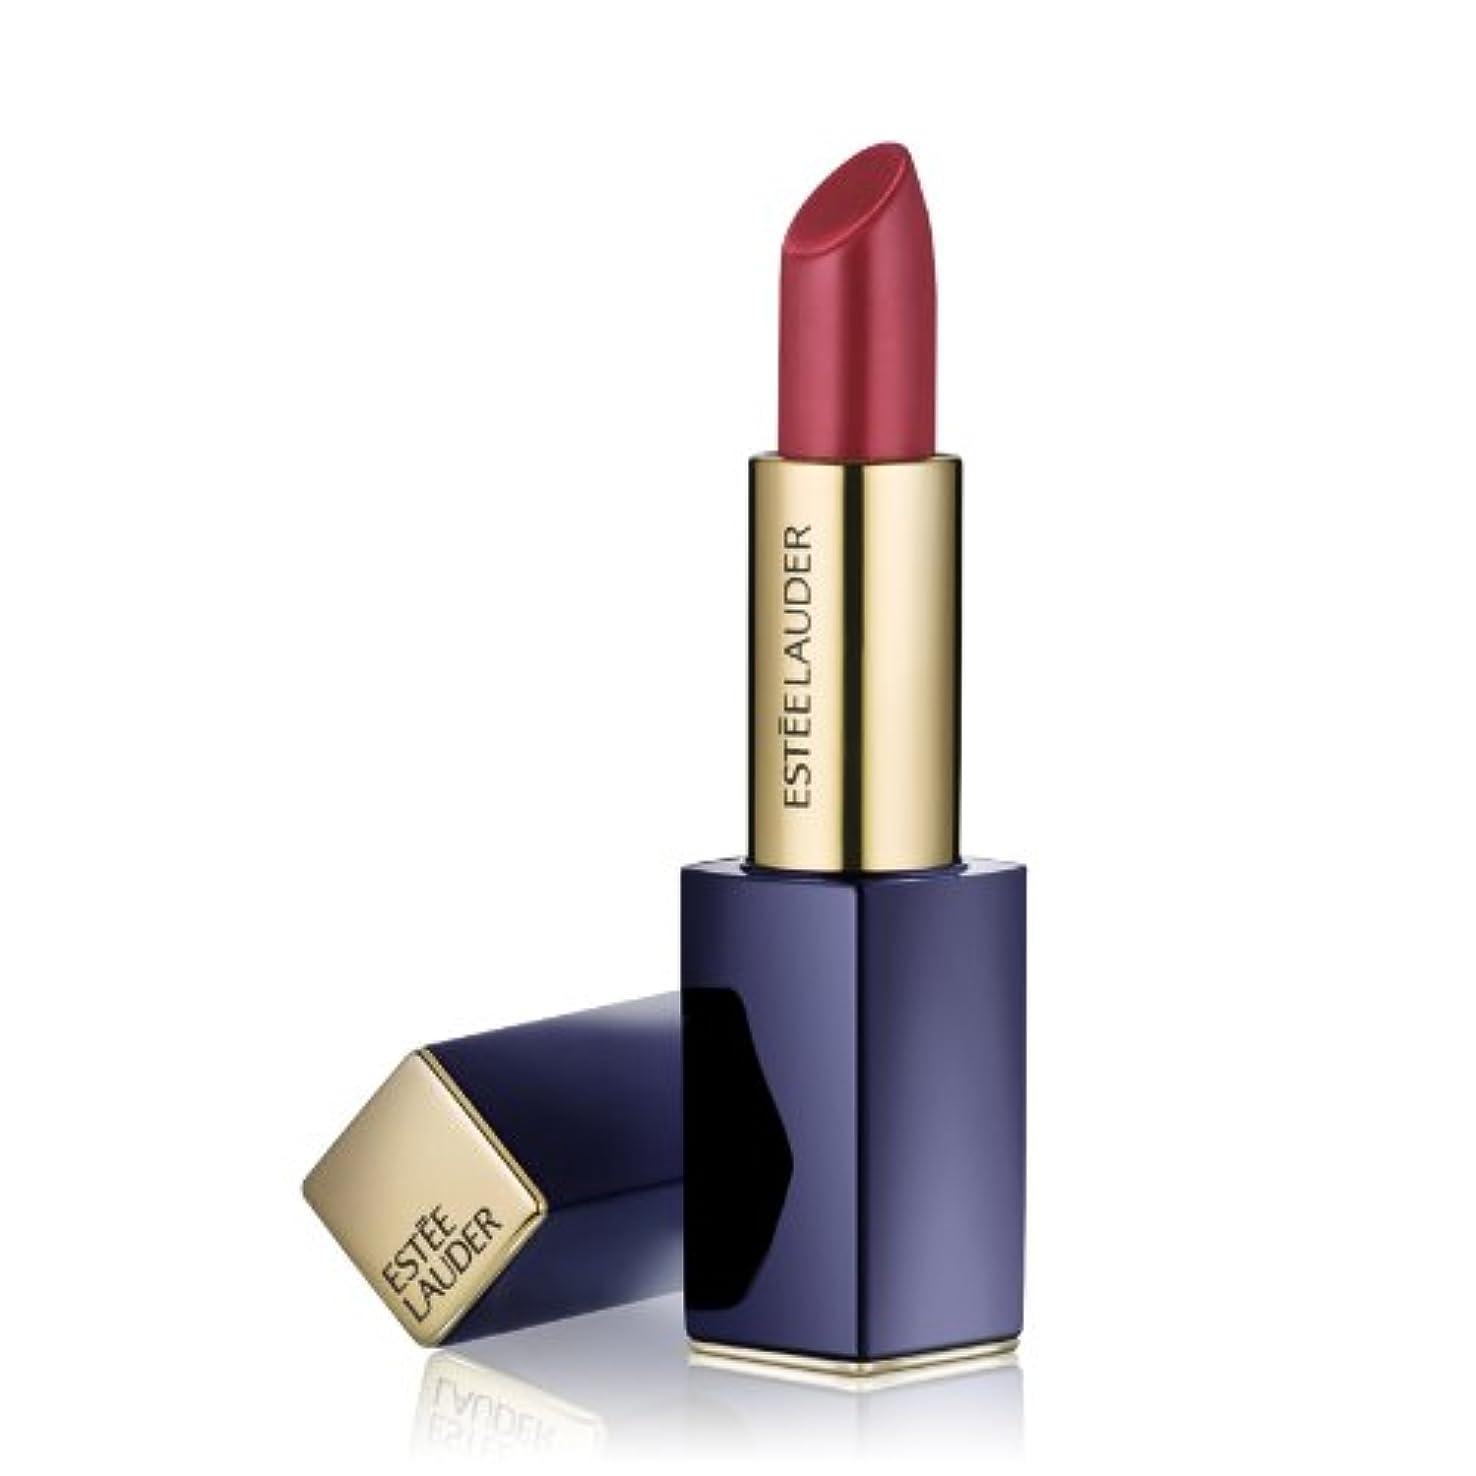 悪性腫瘍病な愛人エスティローダー Pure Color Envy Sculpting Lipstick - # 240 Tumultuous Pink 3.5g/0.12oz